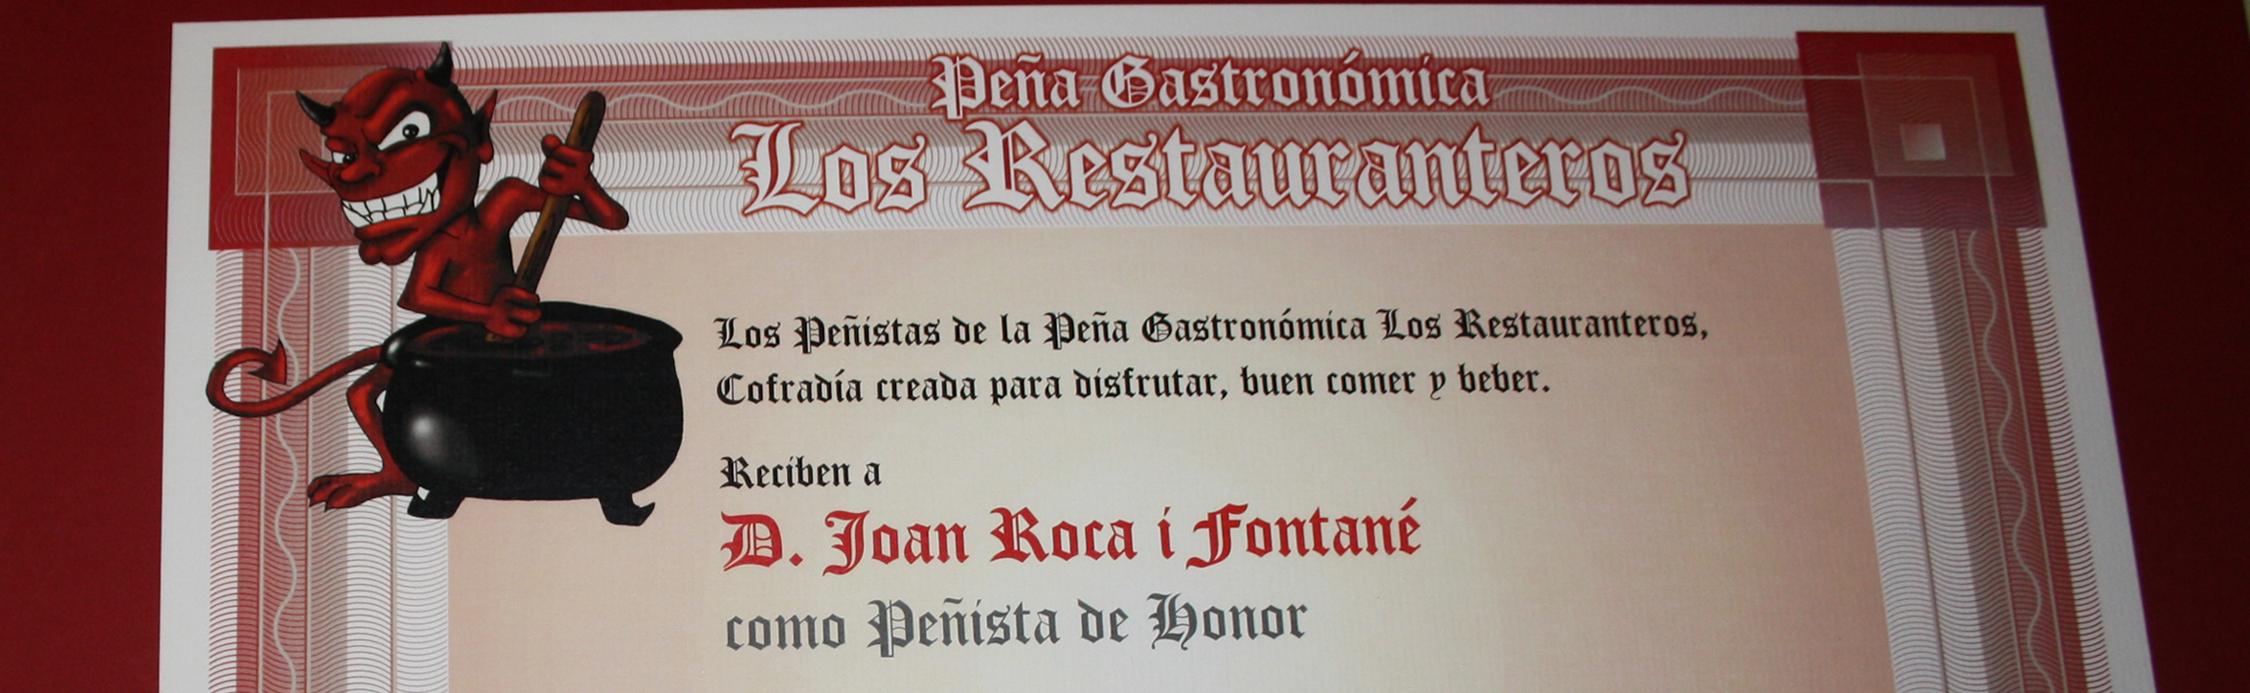 Peña_Gastronómica_Los_Restauranteros_Portada_BloG-M_Aurelio_Gómez-Miranda